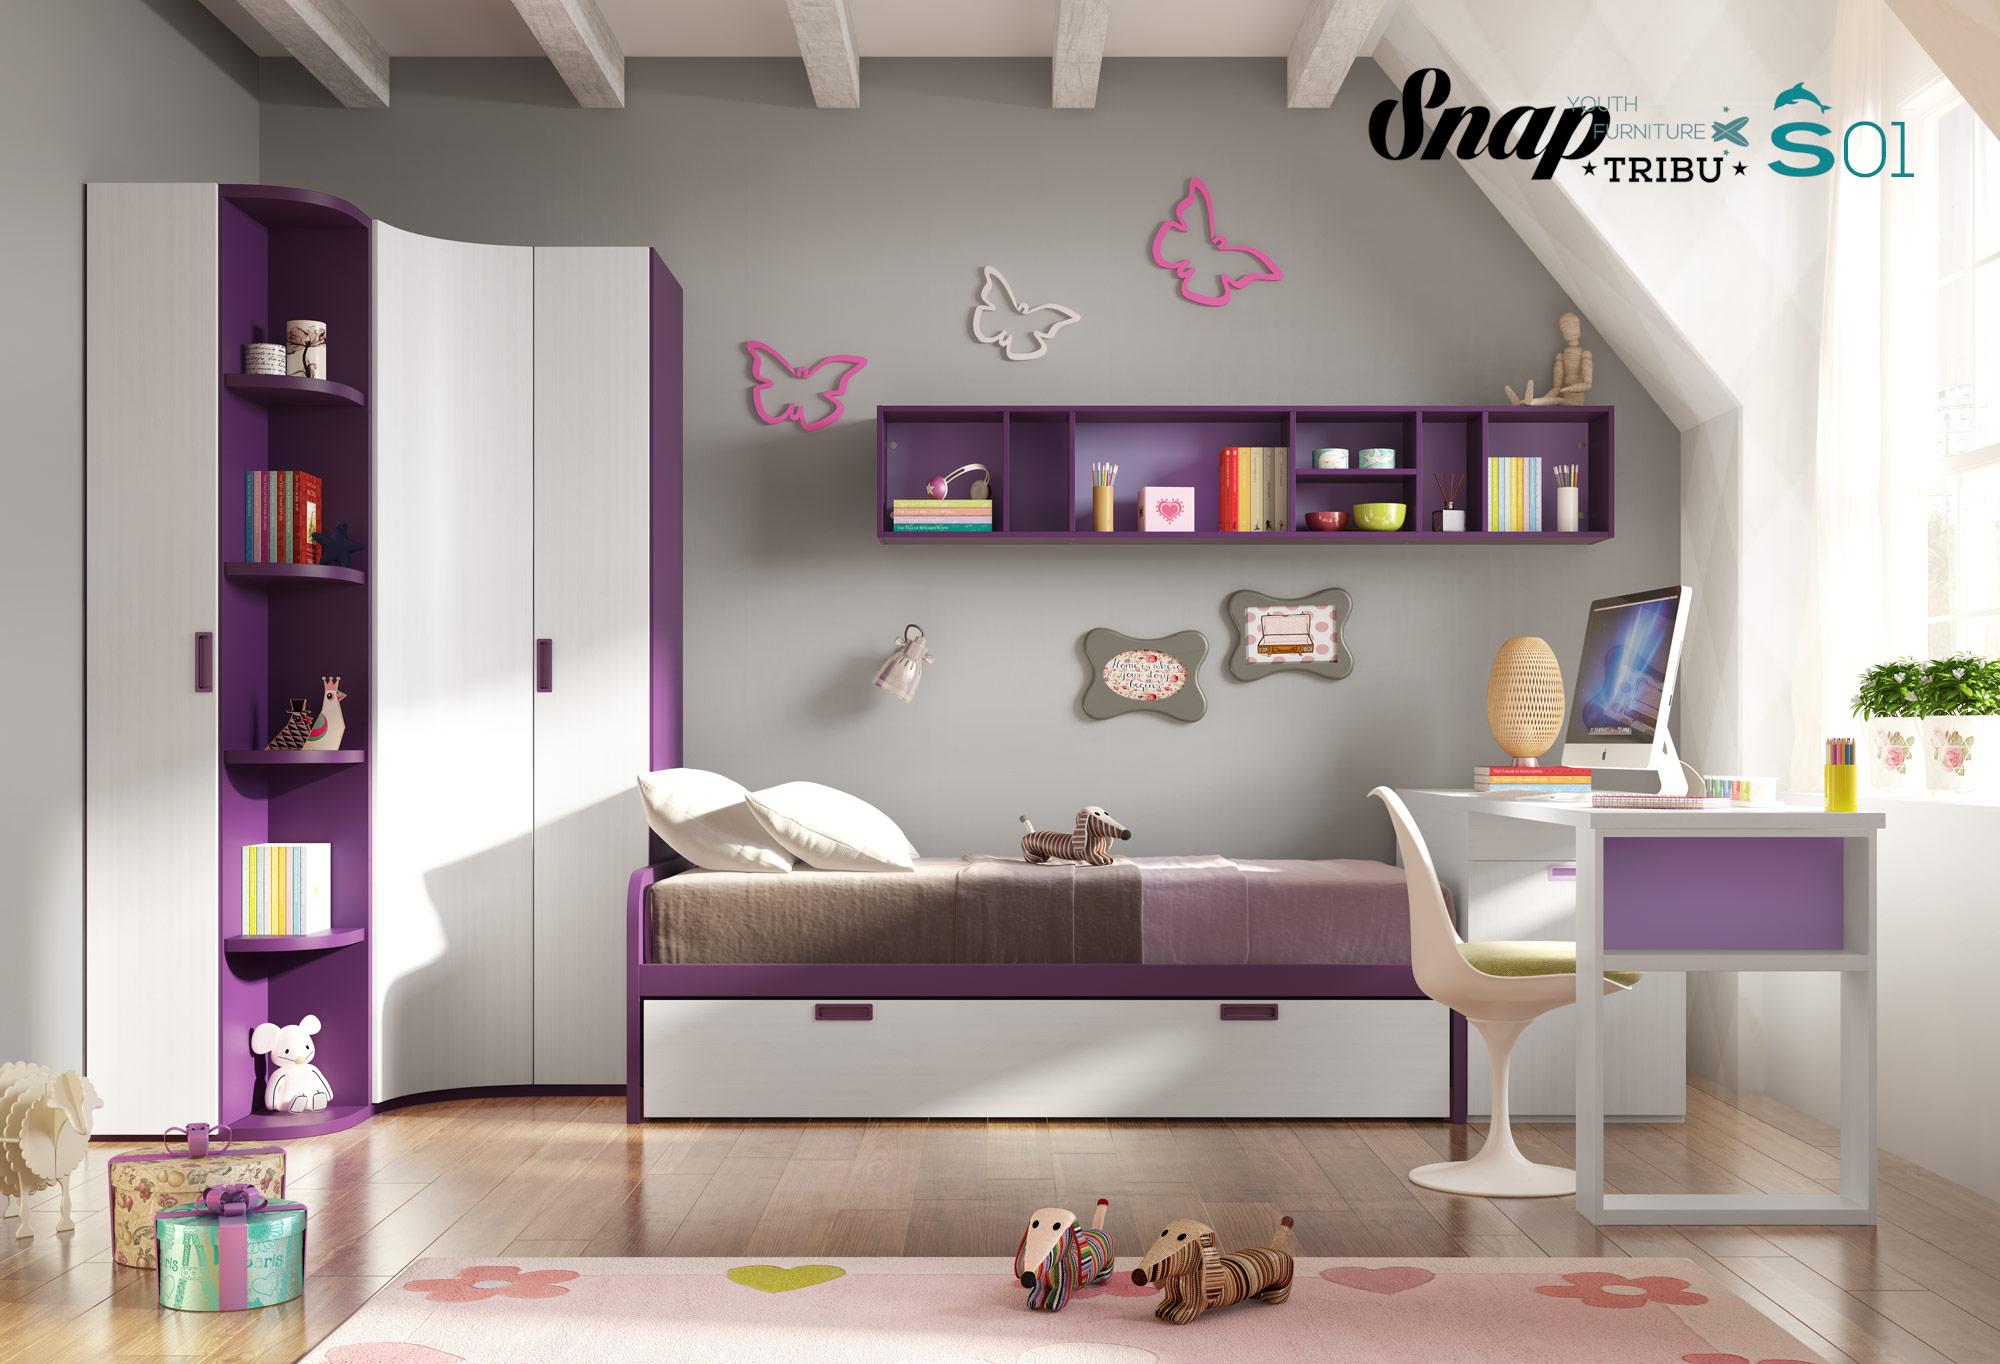 Muebles Hermida - Gorostidi Ideas Muebles Hermida Gorostidi Ideas[mjhdah]https://i.pinimg.com/originals/d1/5a/1a/d15a1a6c473939516279d2a5ada88ec5.jpg